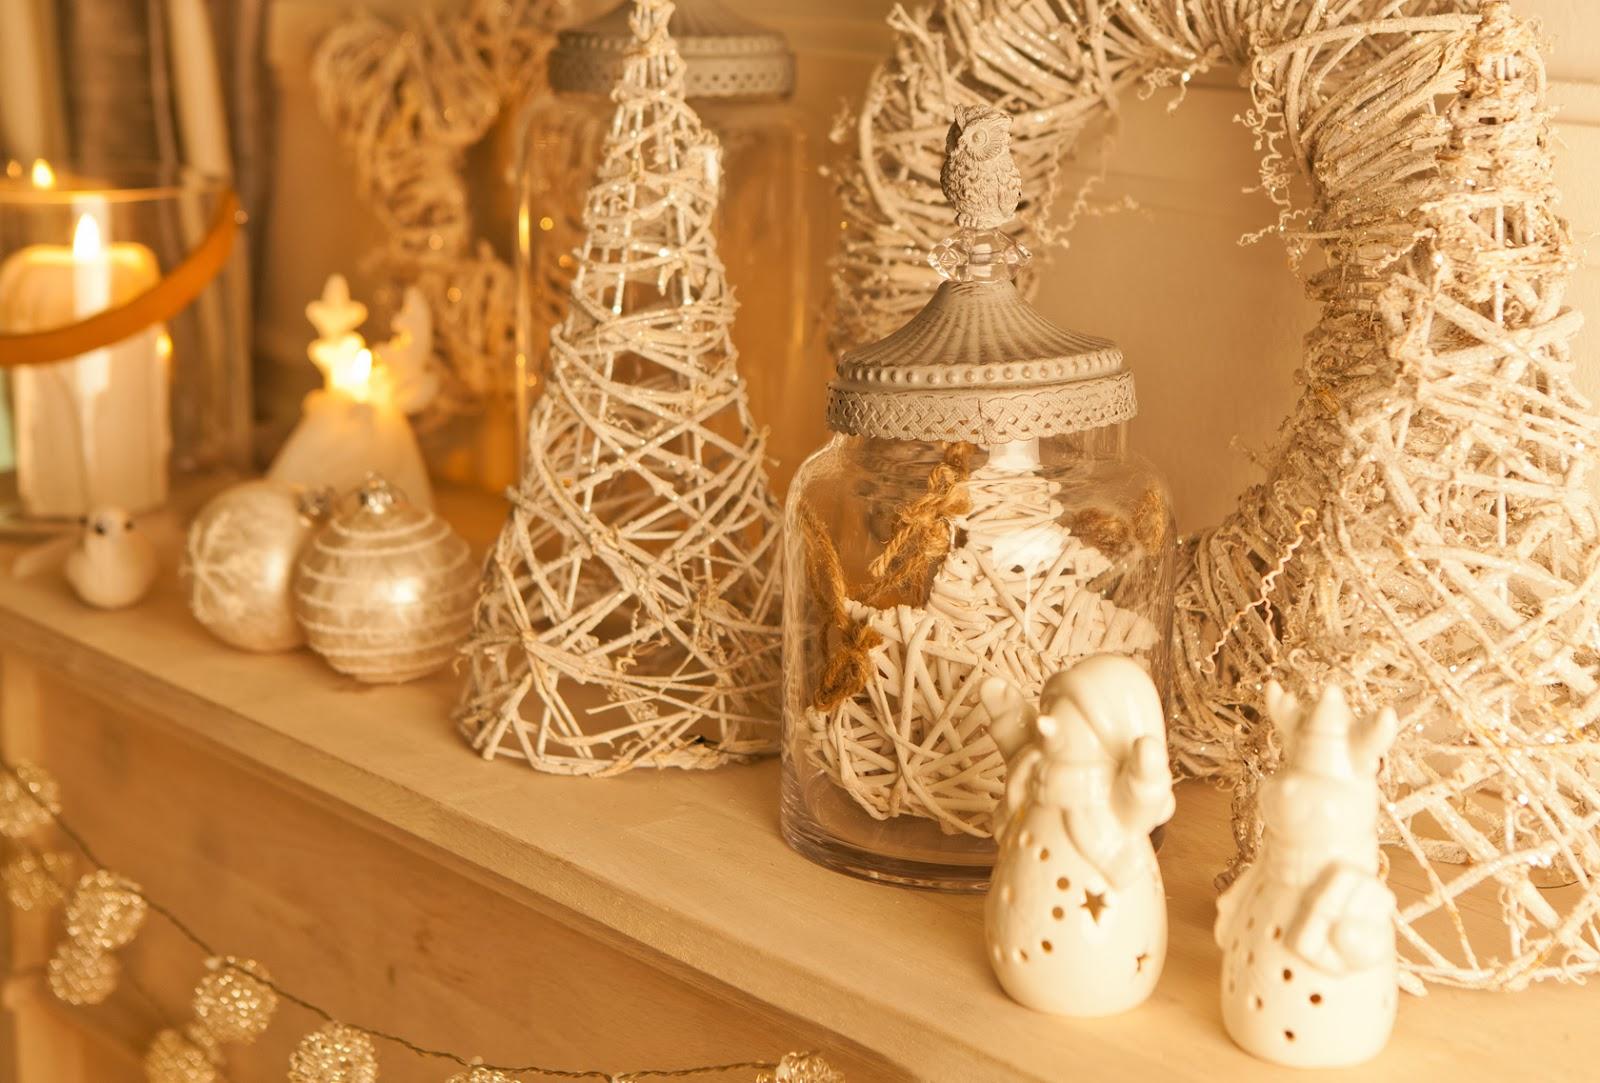 decorazioni tende: mamma claudia e le avventure del topastro ... - Zara Home Tende Soggiorno